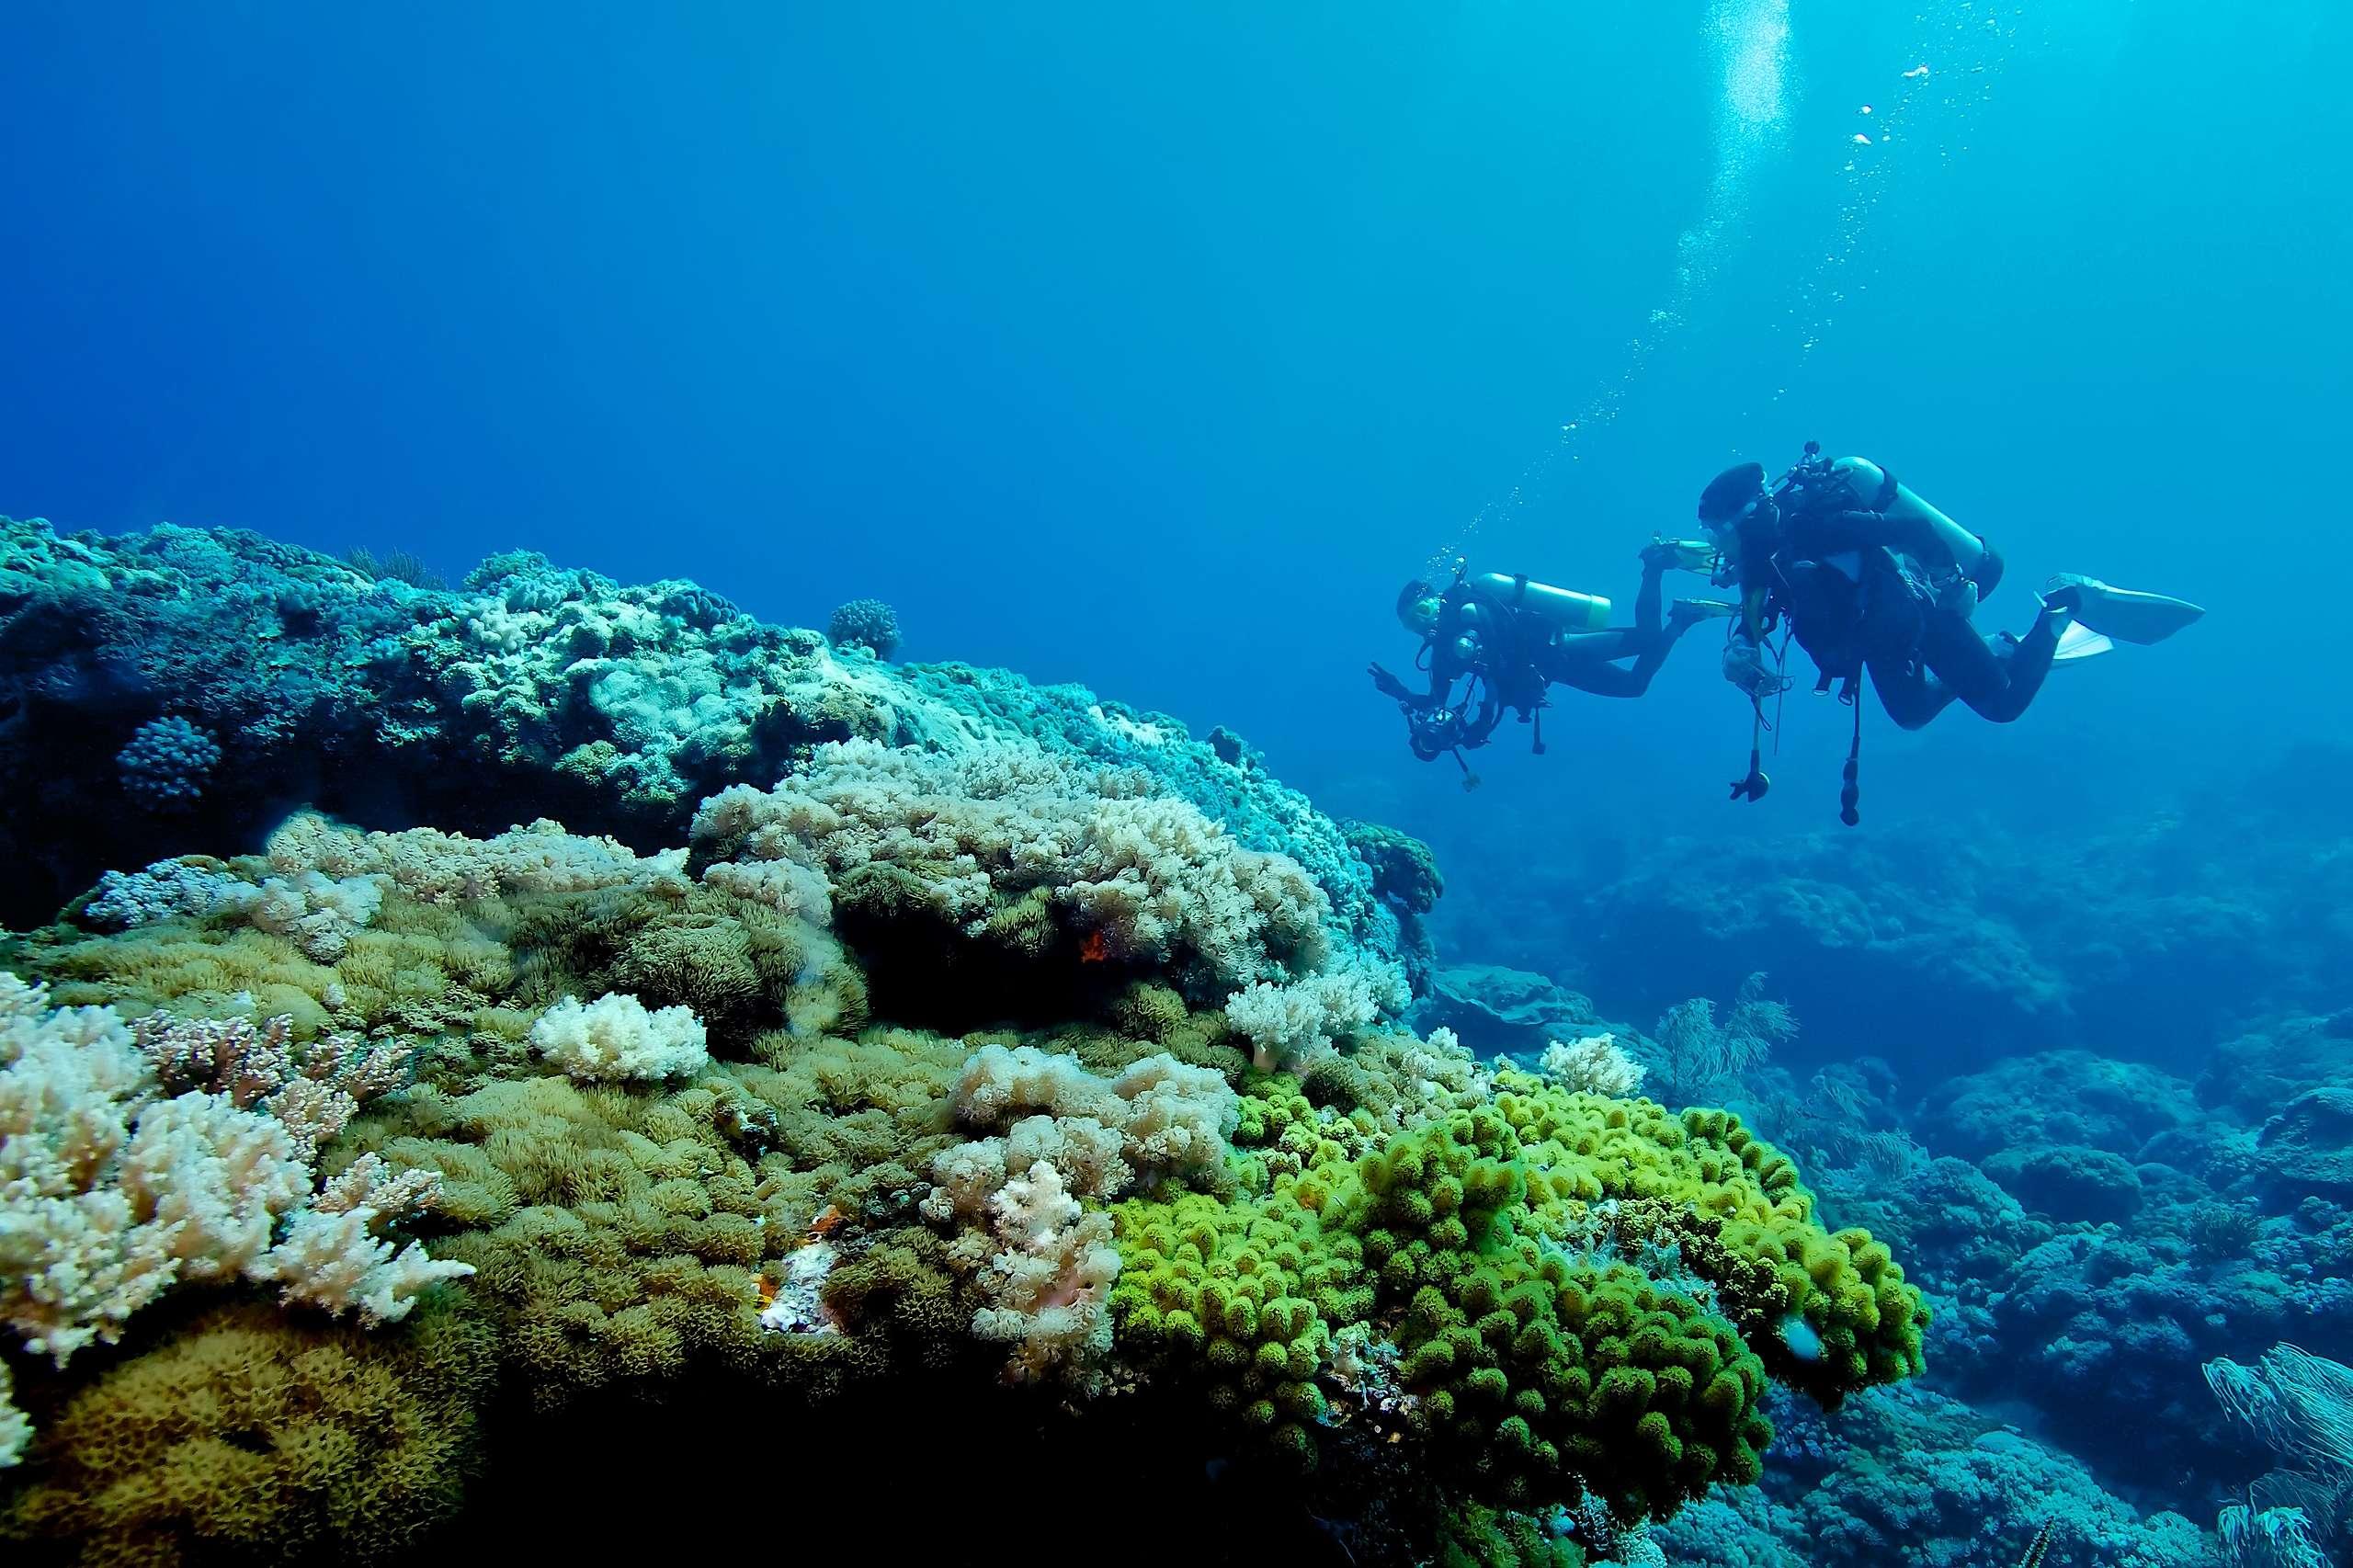 綠島擁有美麗珊瑚礁,是潛水勝地,遊客更應該愛惜珍貴生態。